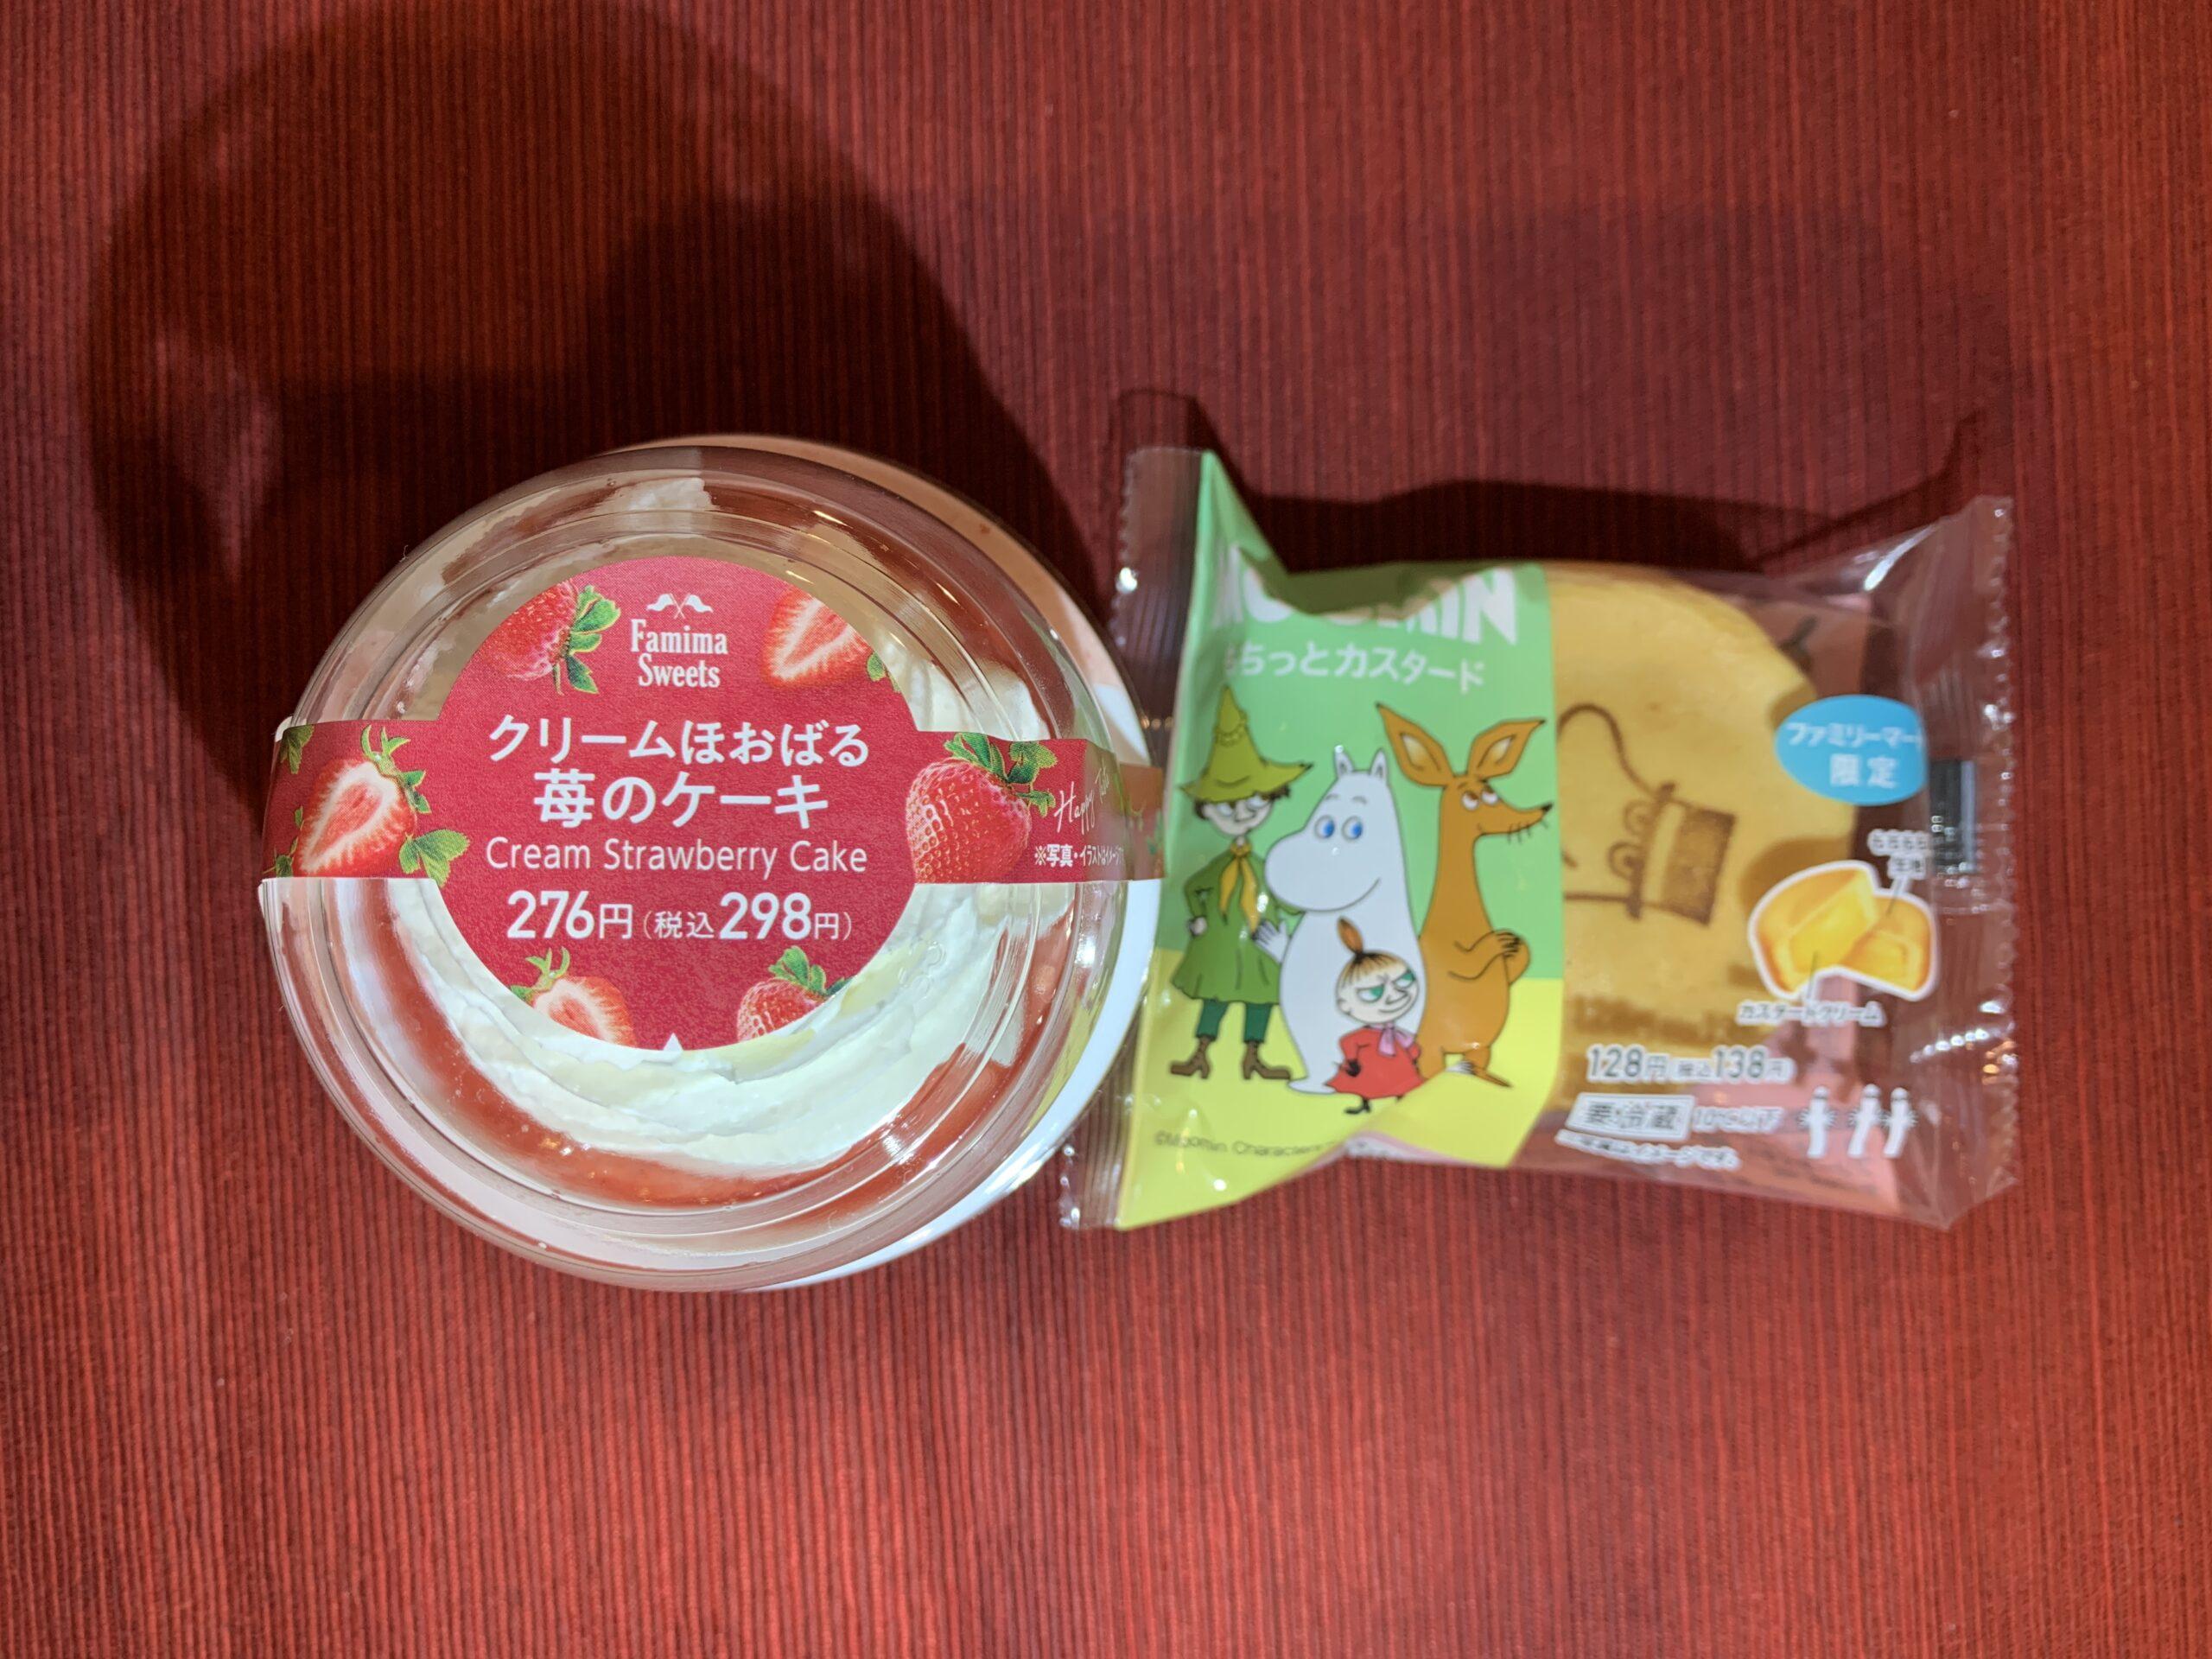 ファミマスイーツ・クリームほおばる苺のケーキ、ムーミンもちっとカスタード食べてみた